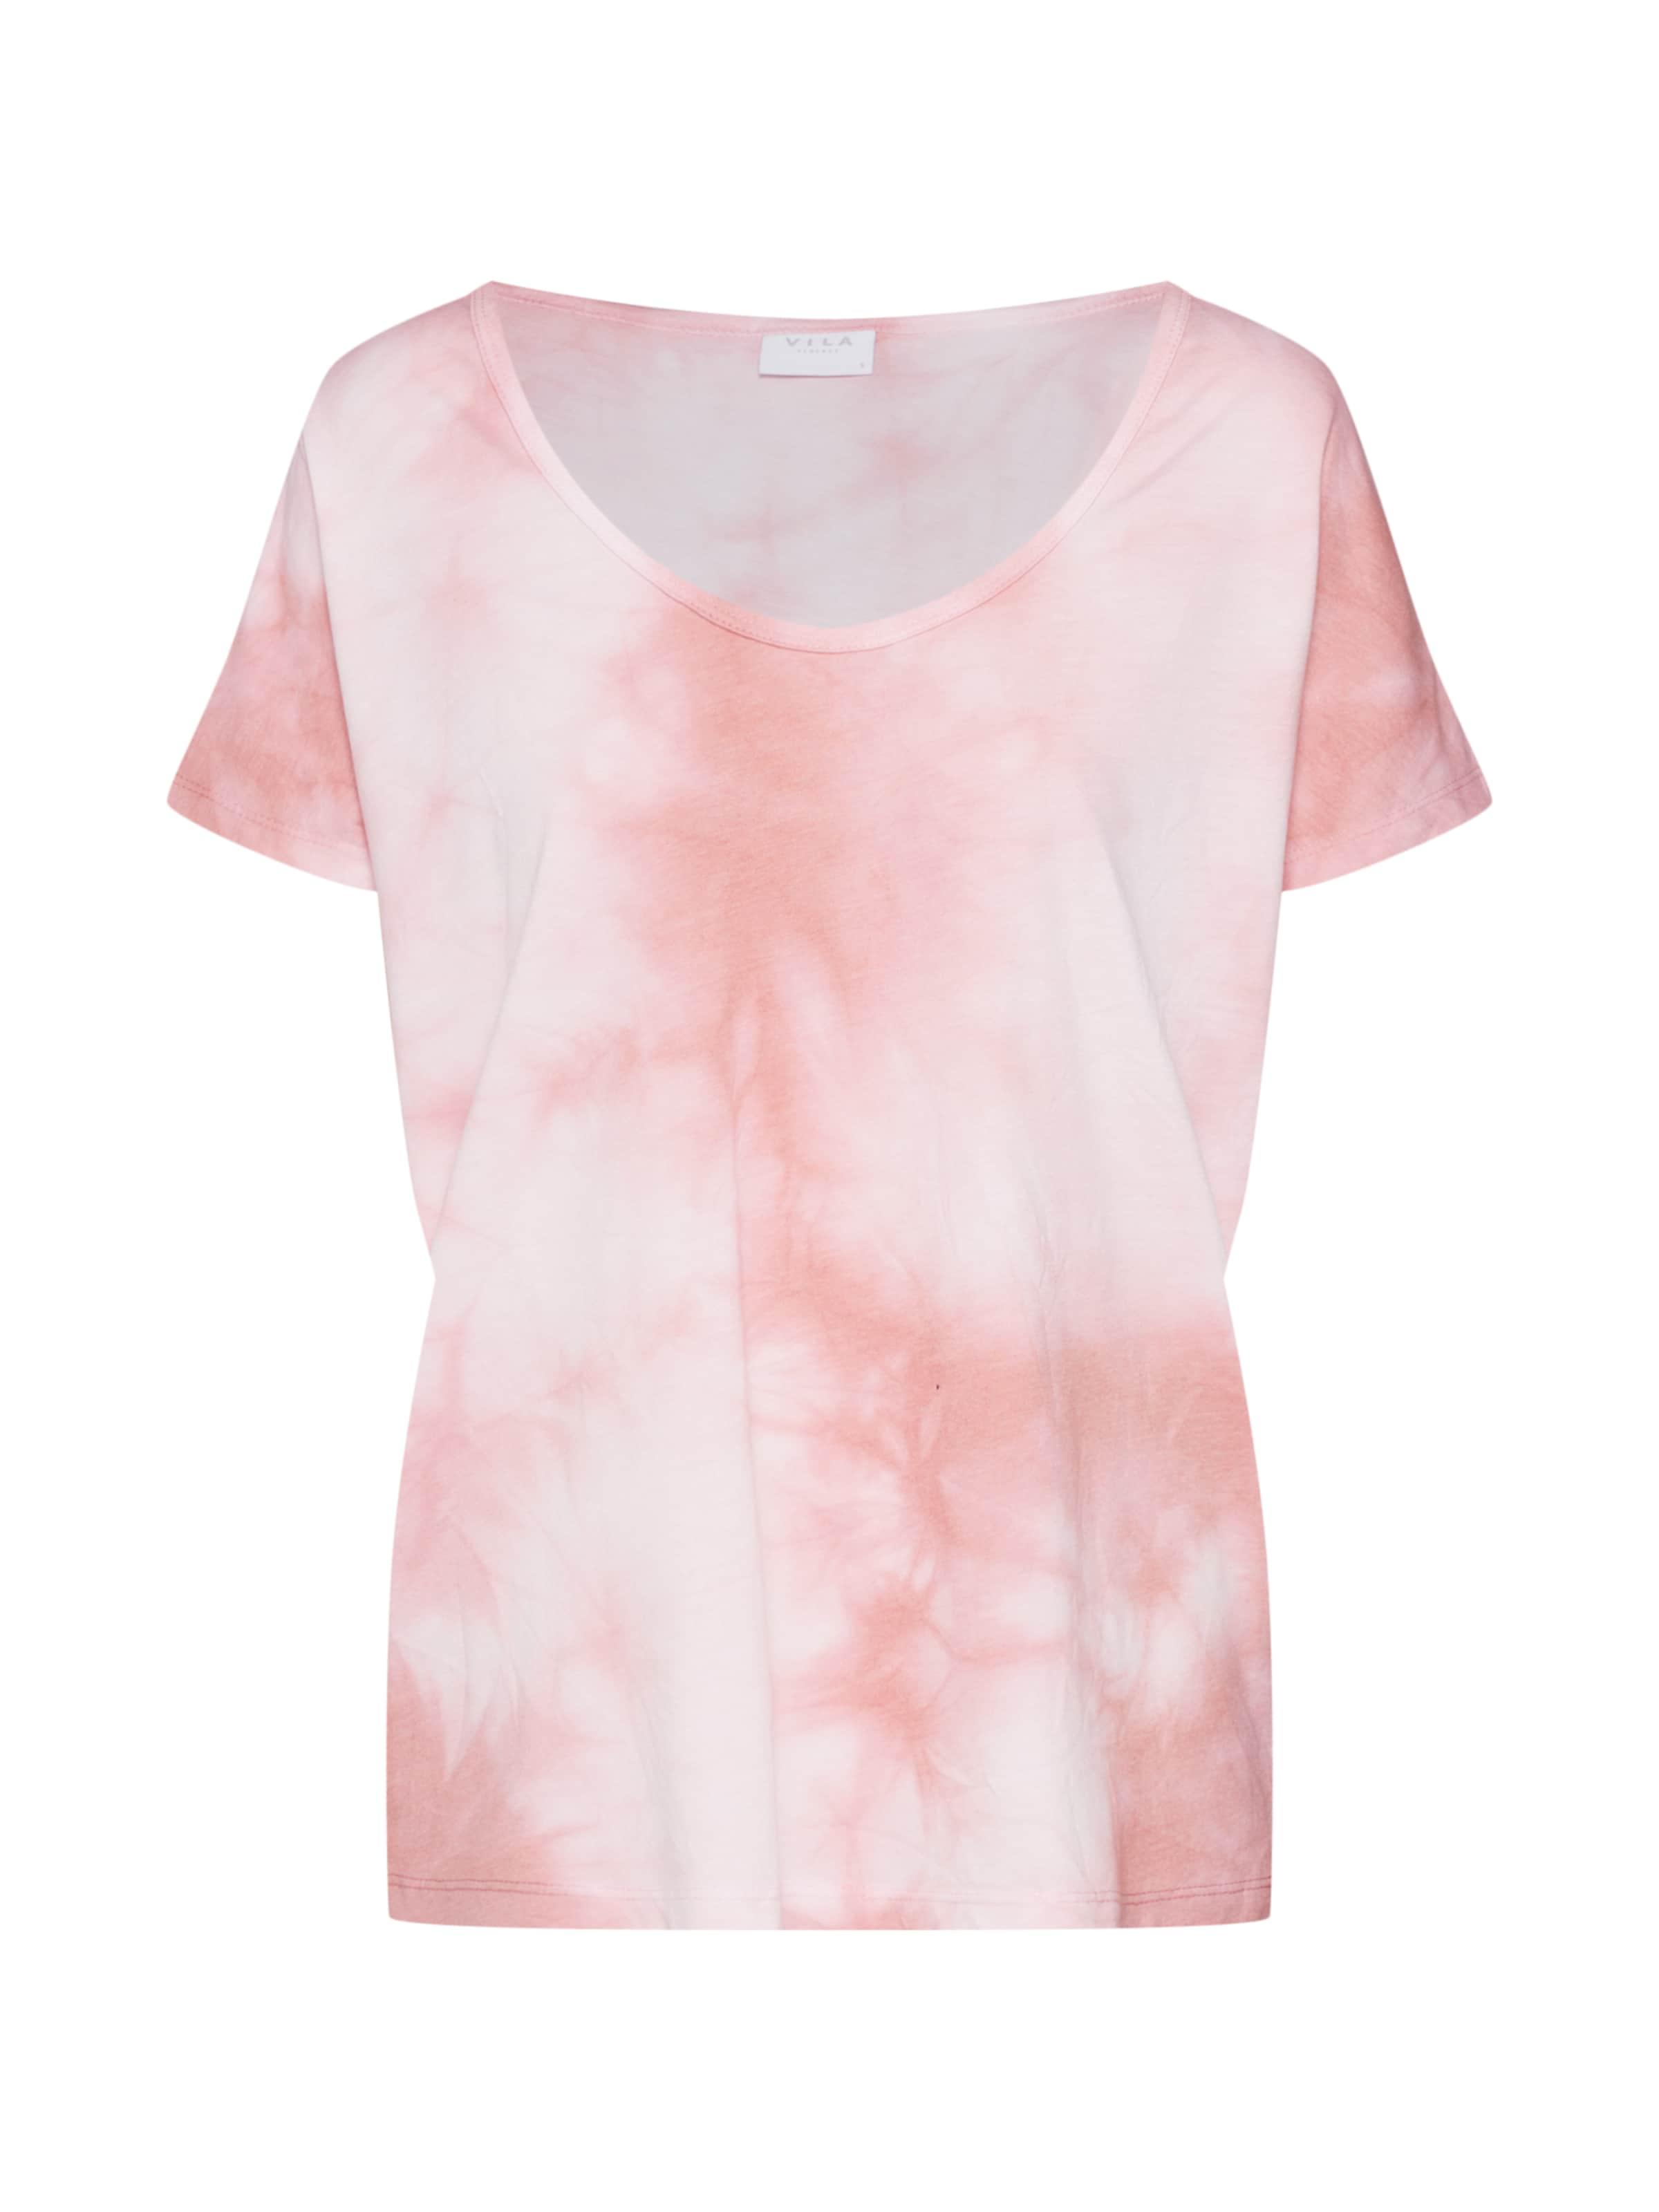 Tie T Vila shirt' En Dye 'vidream Rose shirt T Yfg6vb7y